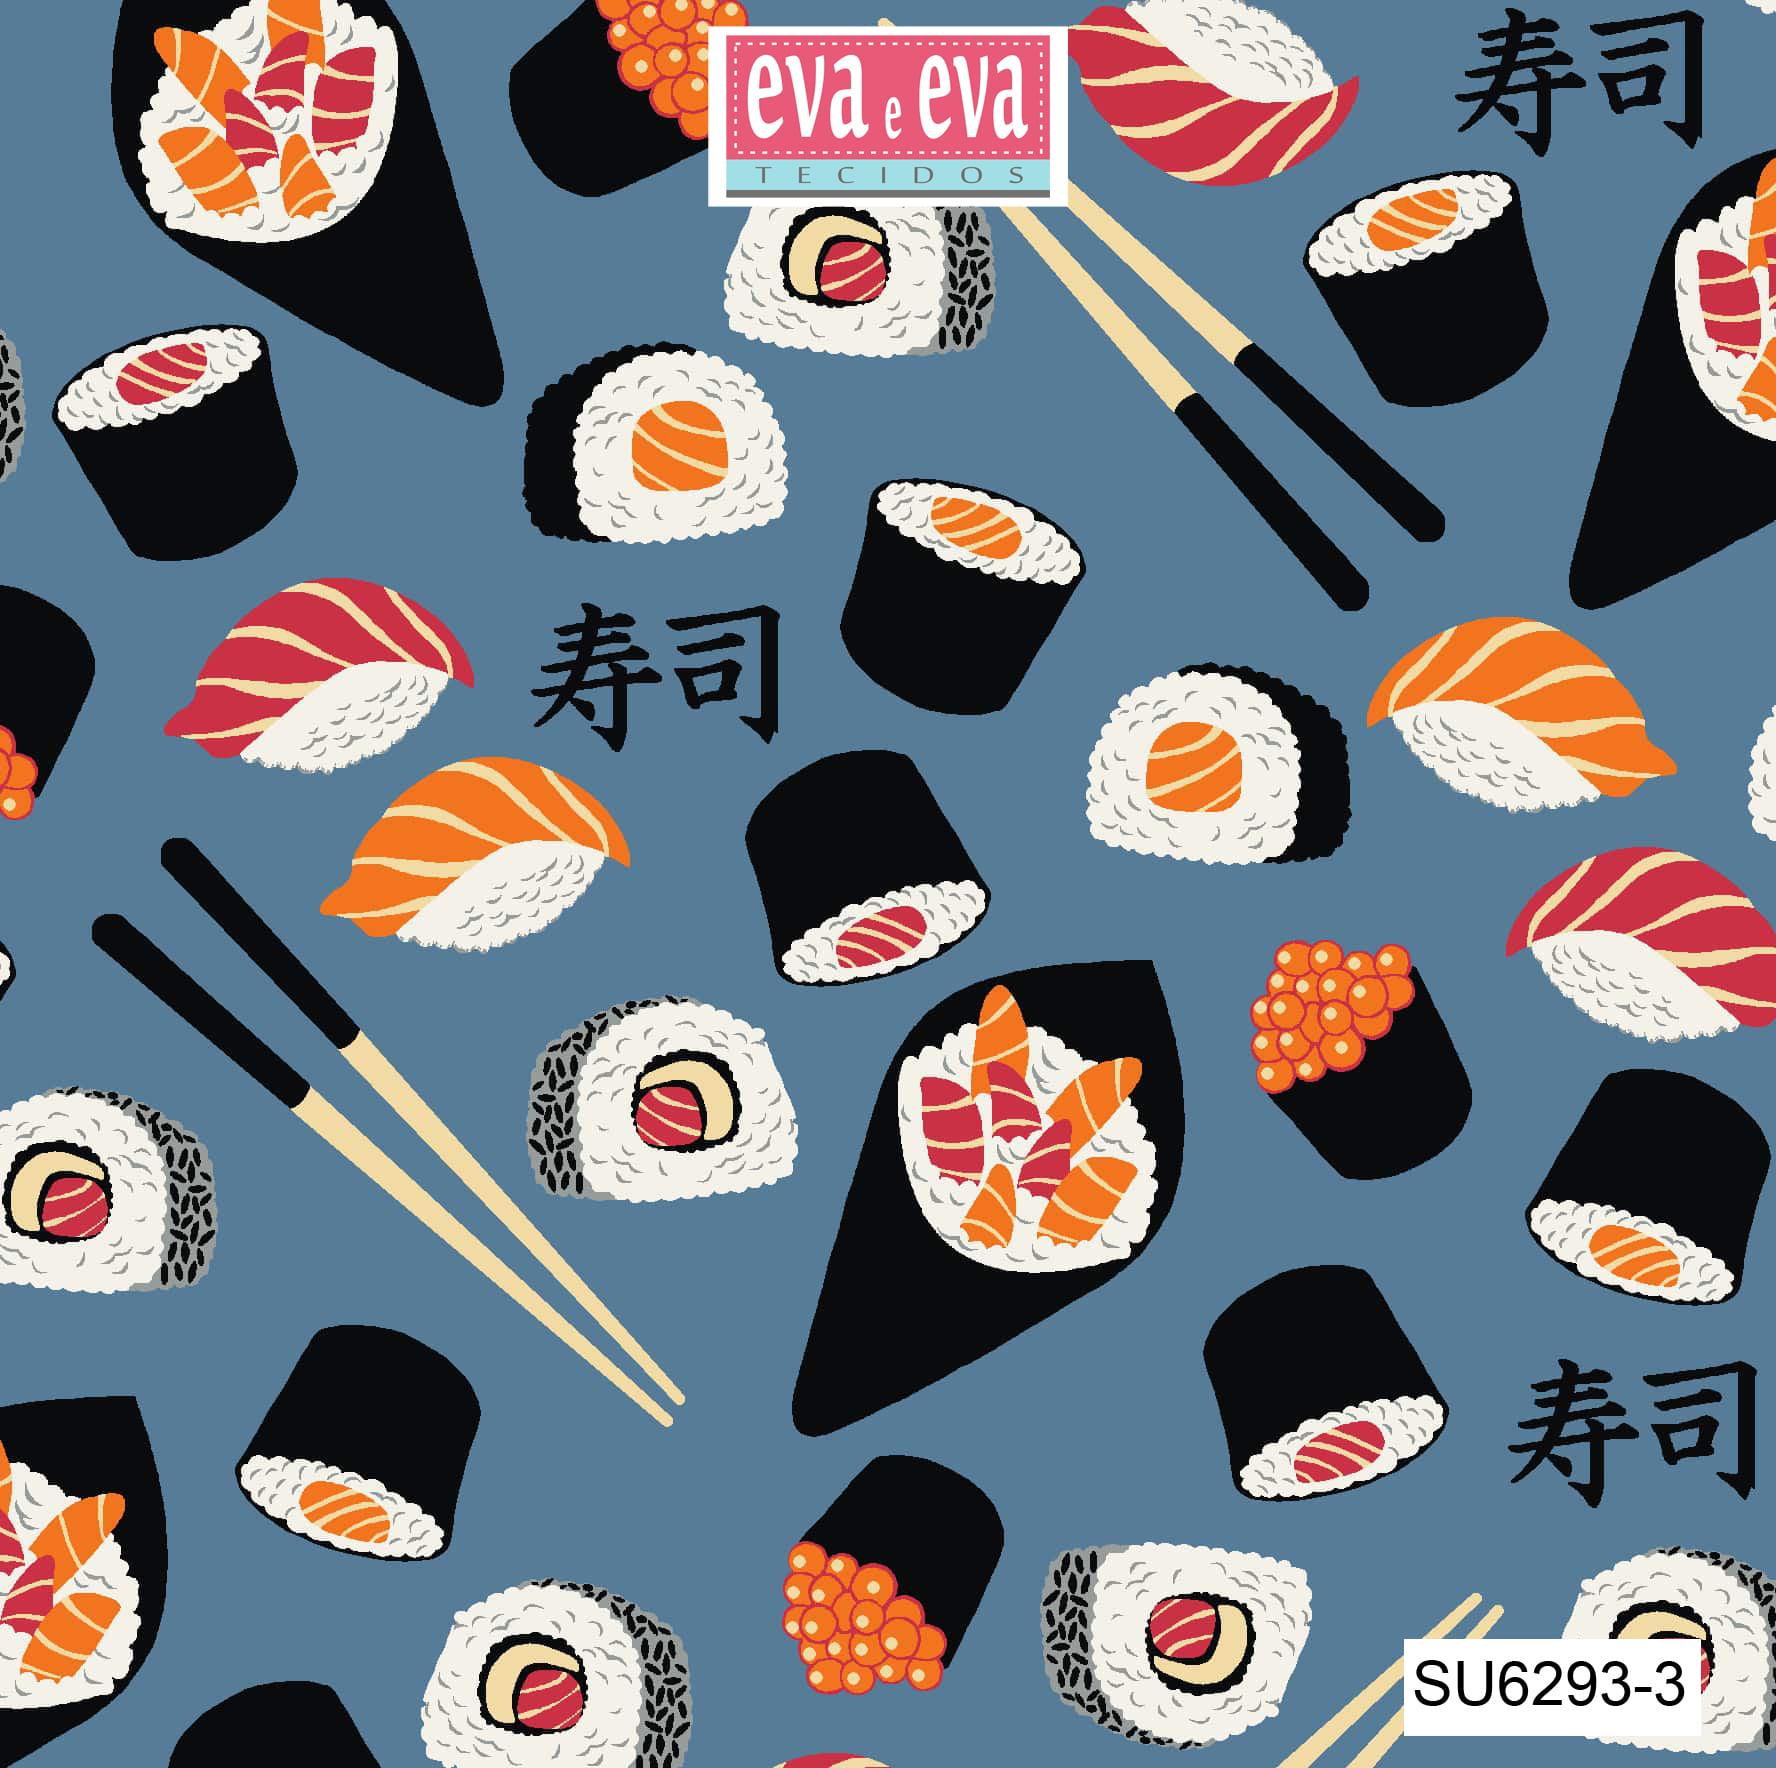 Tecido tricoline estampada da Eva e Eva - coleção Sushi bar - SU6293-3